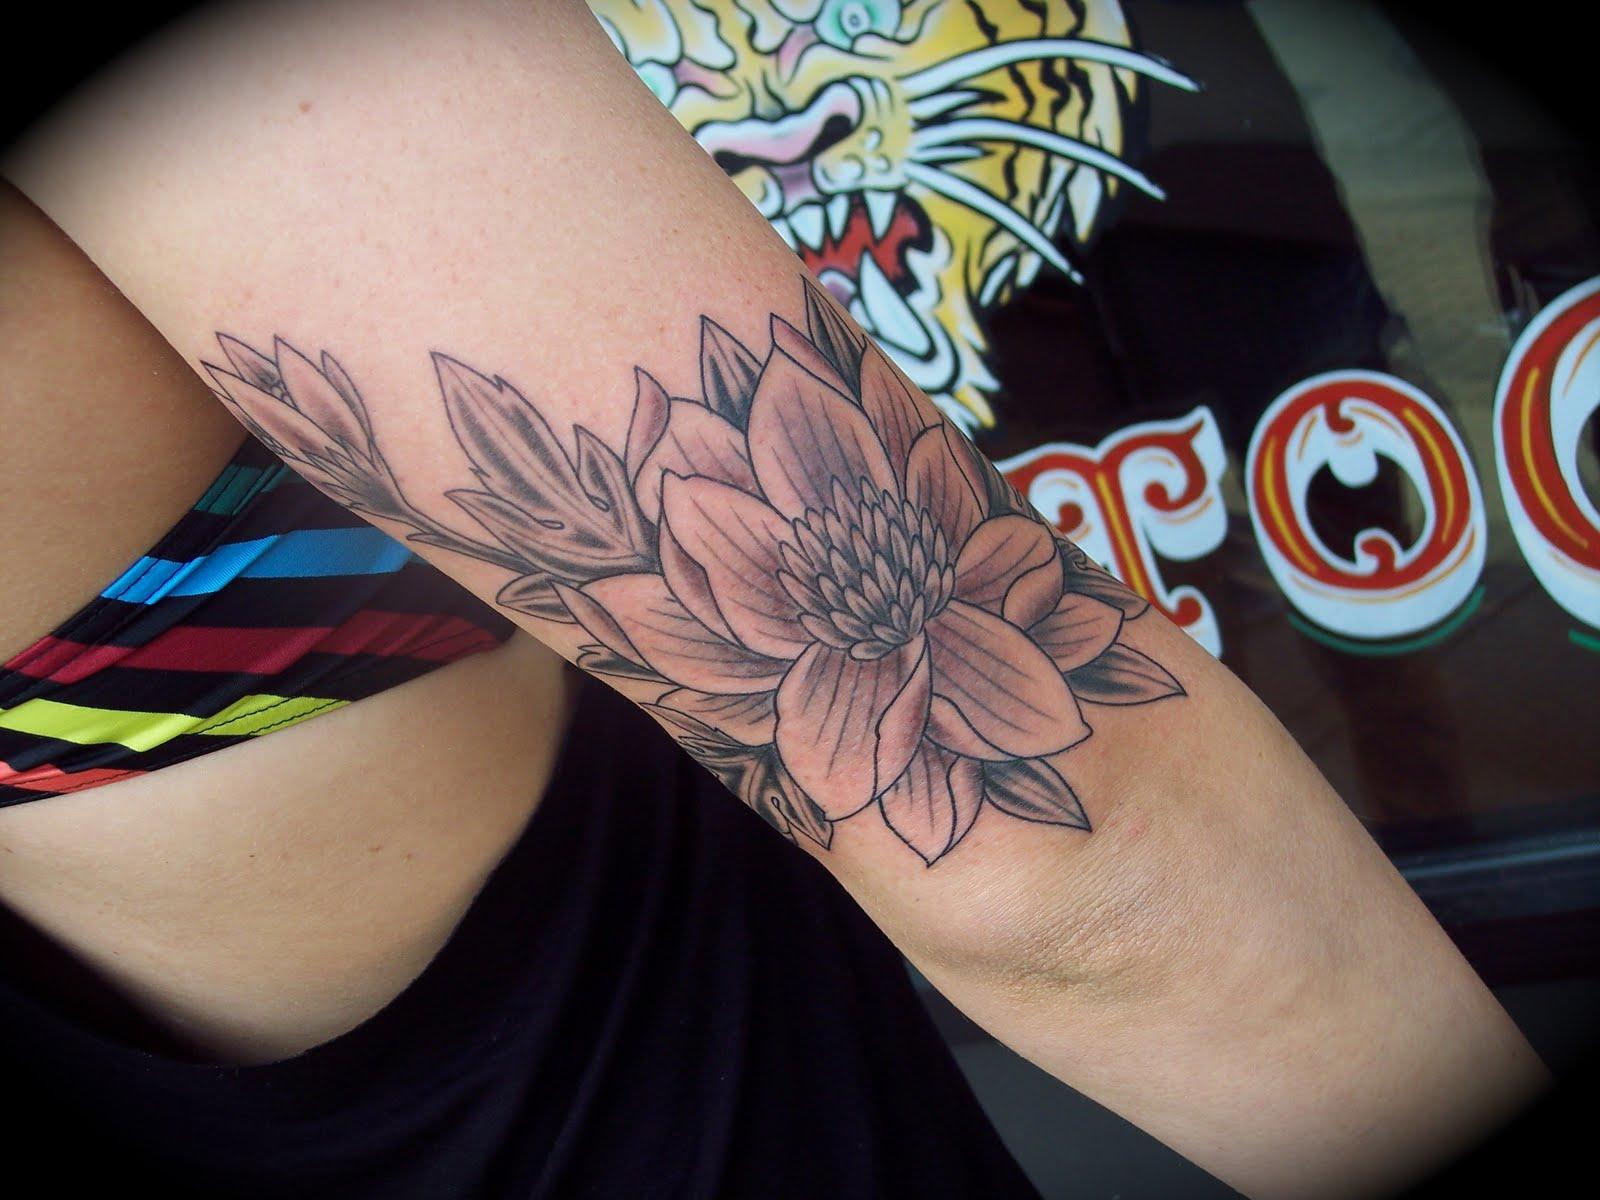 http://3.bp.blogspot.com/-X_ZitVwhAnc/Tcs5BjbOshI/AAAAAAAAATo/orHlgh1310g/s1600/flowertattoo.JPG